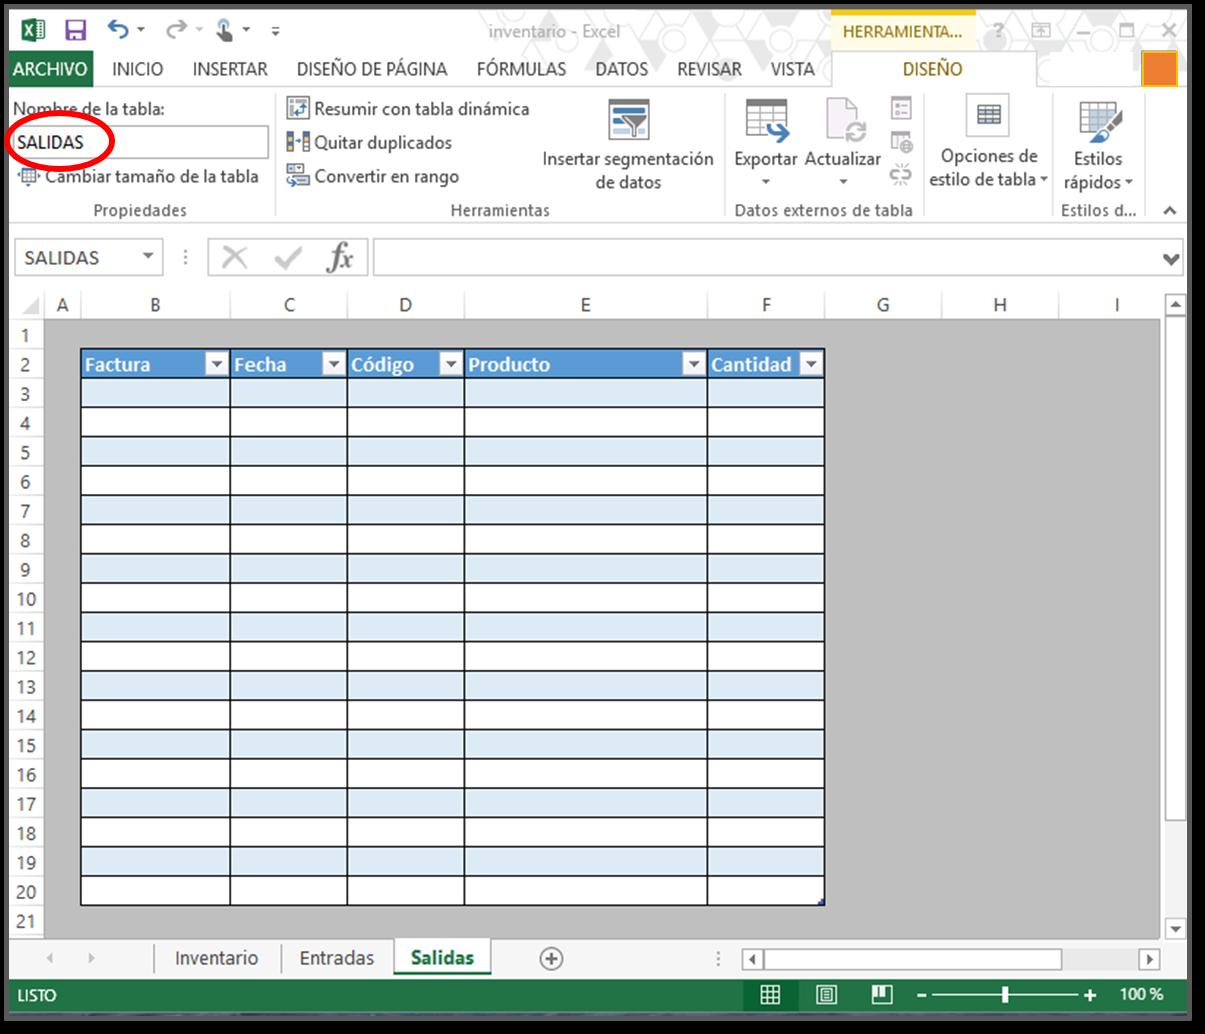 salidas cómo hacer tabla de inventario en excel